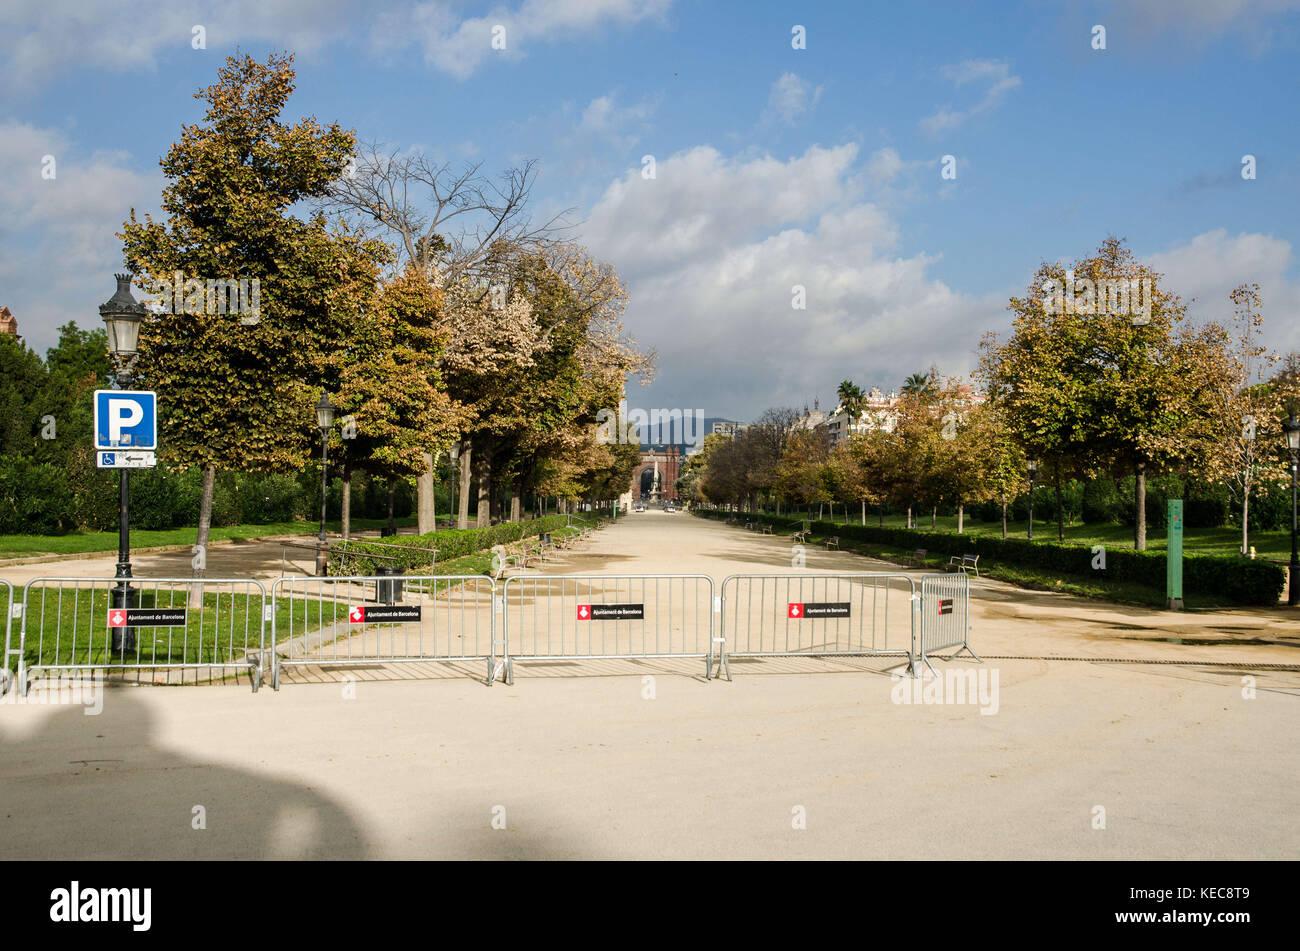 Barcelone, Catalogne, espagne. 10 oct, 2017. Une vue inhabituelle de la Ciutadella Park sans que personne à Photo Stock